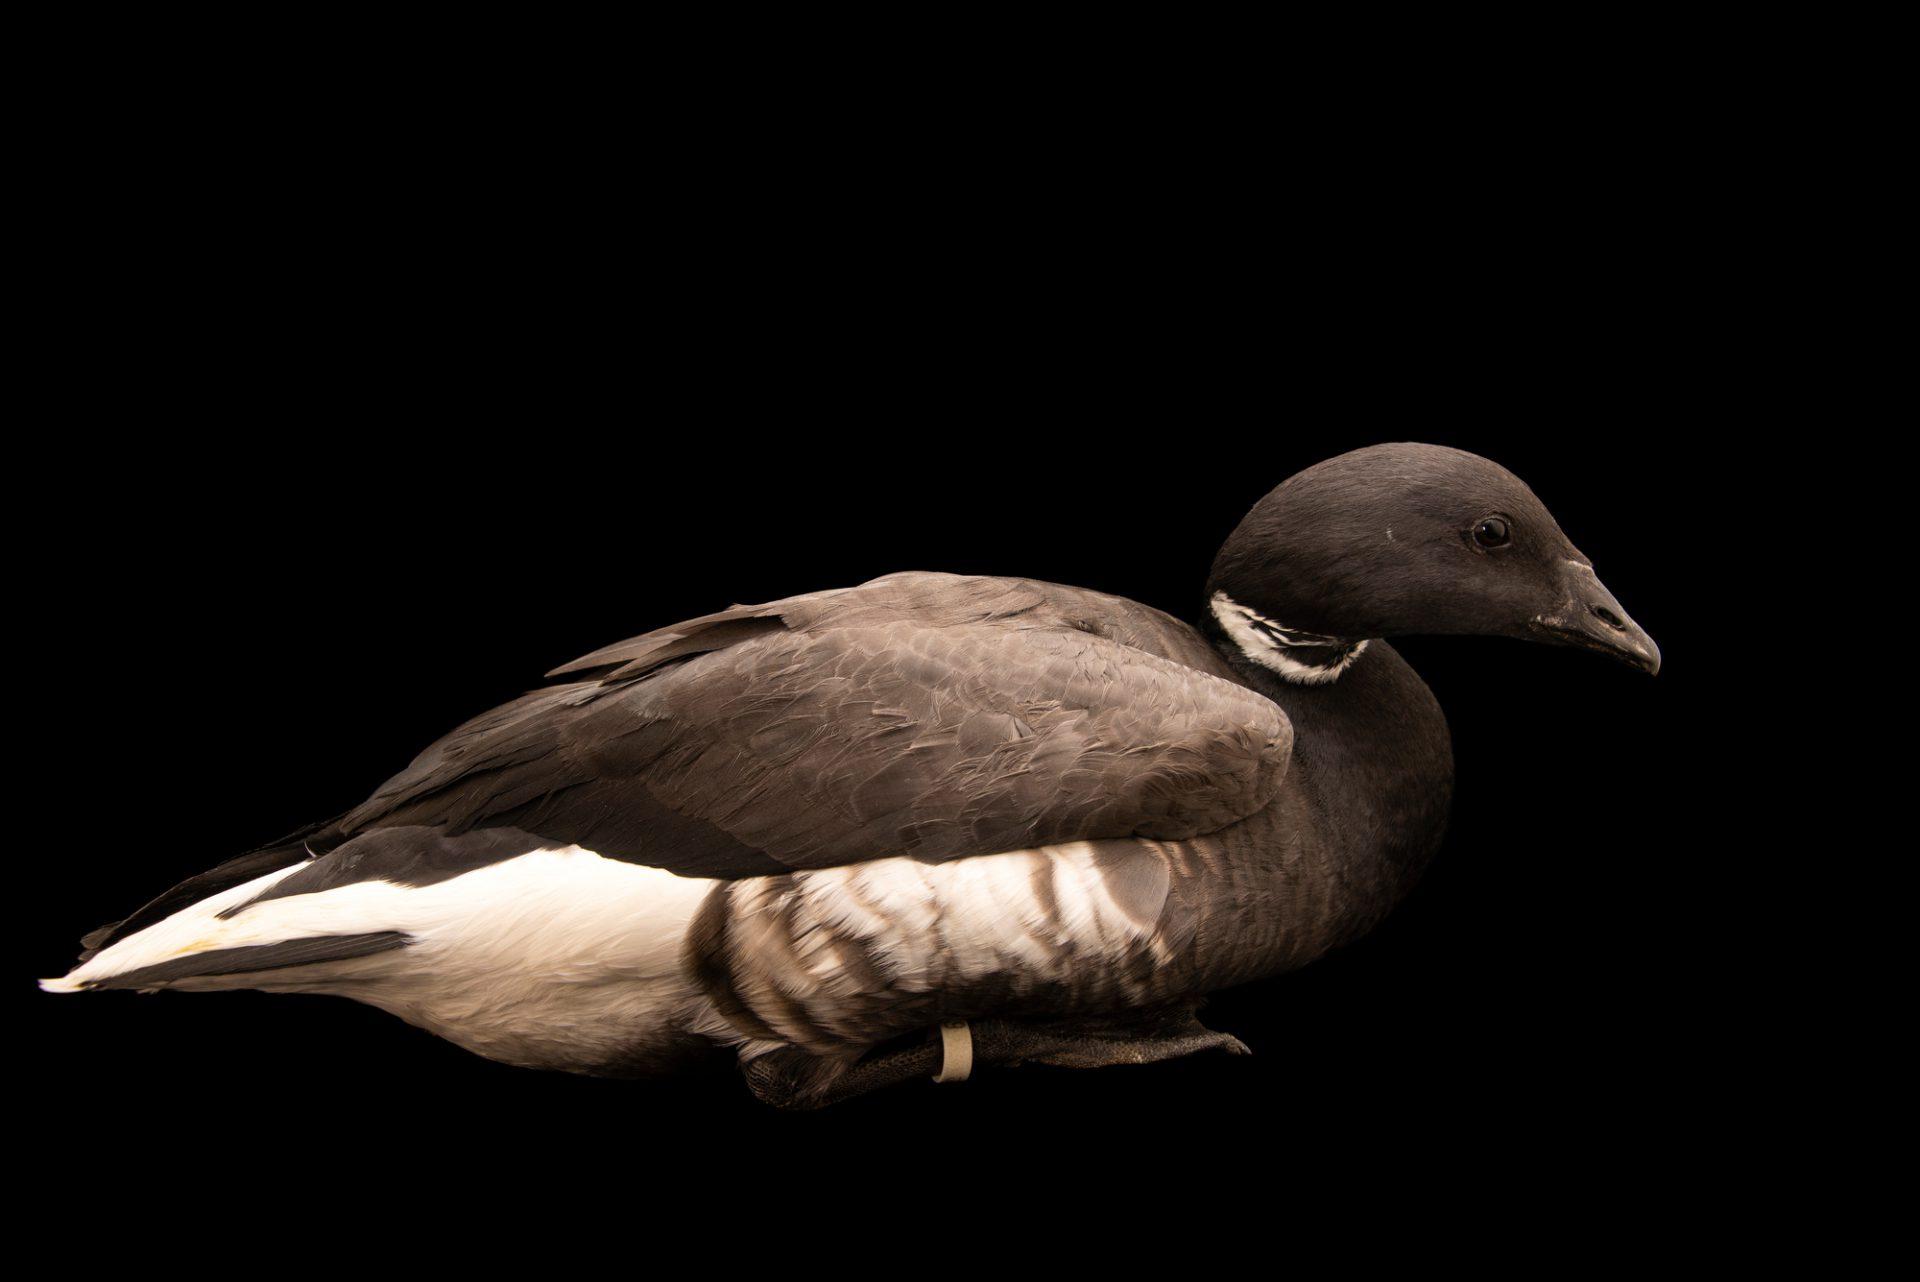 Photo: Pacific brant goose (Branta bernicla orientalis) at Monticello Center in Italy.